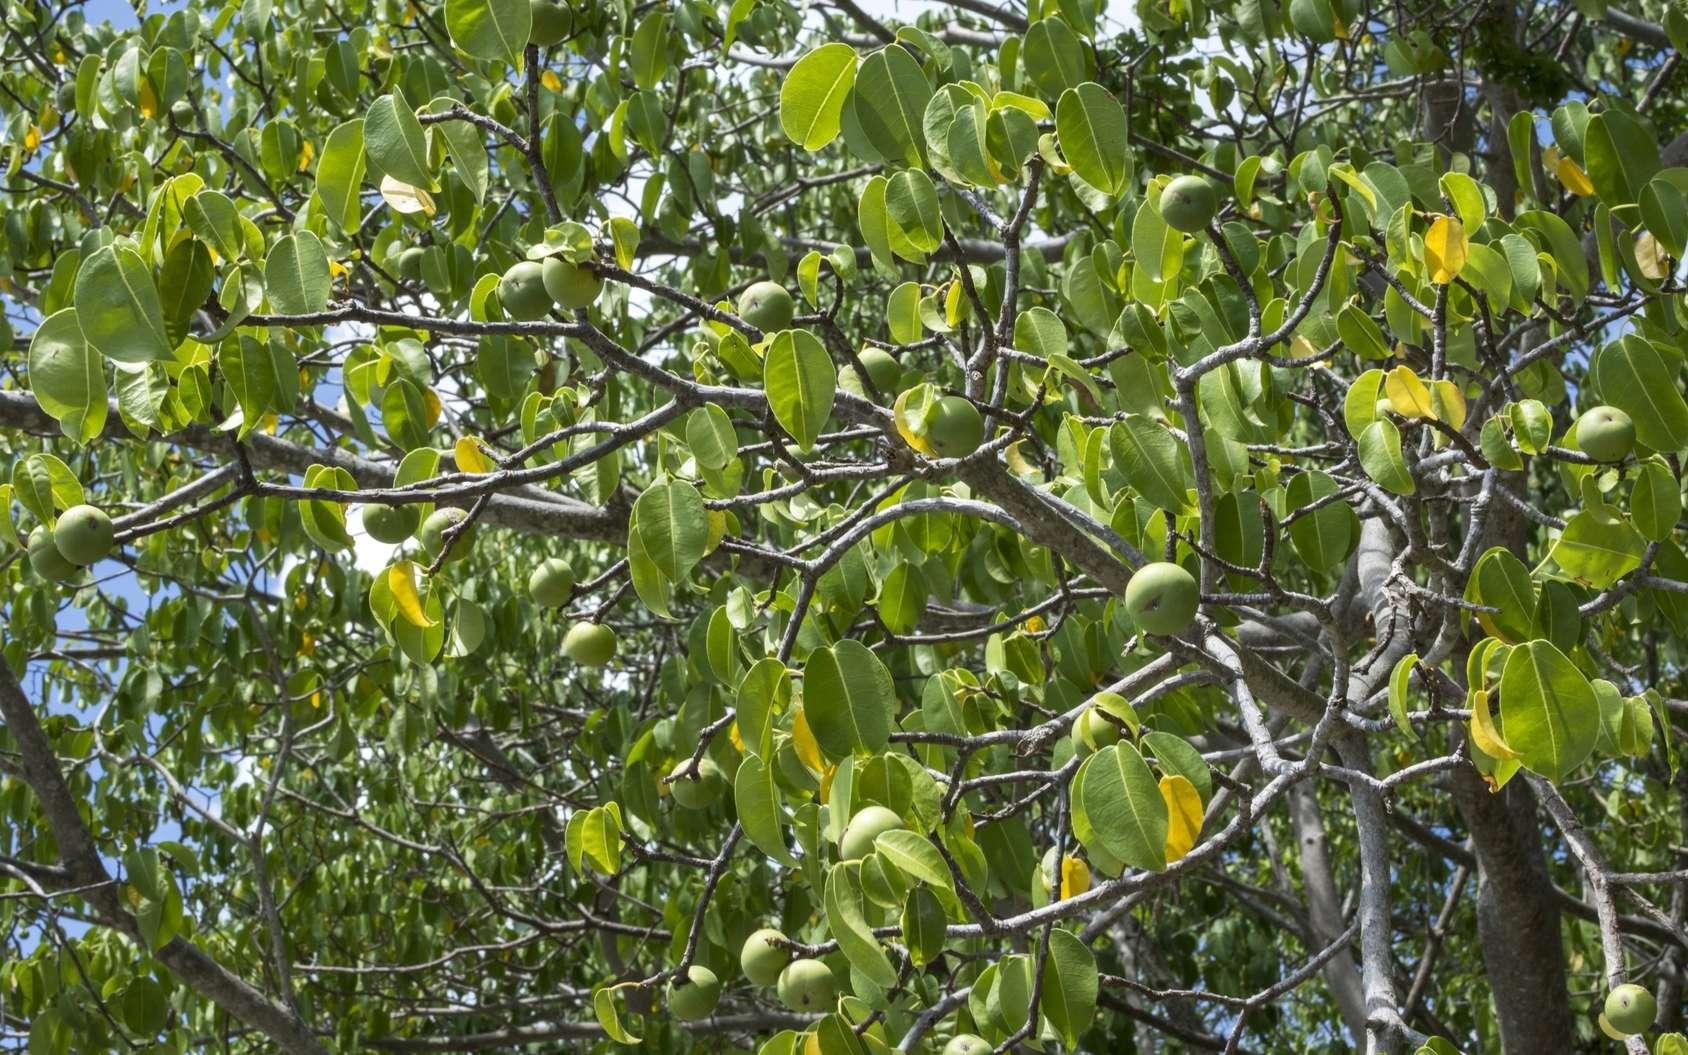 Les fruits du mancenillier sont mortels. © Shakzu, Fotolia